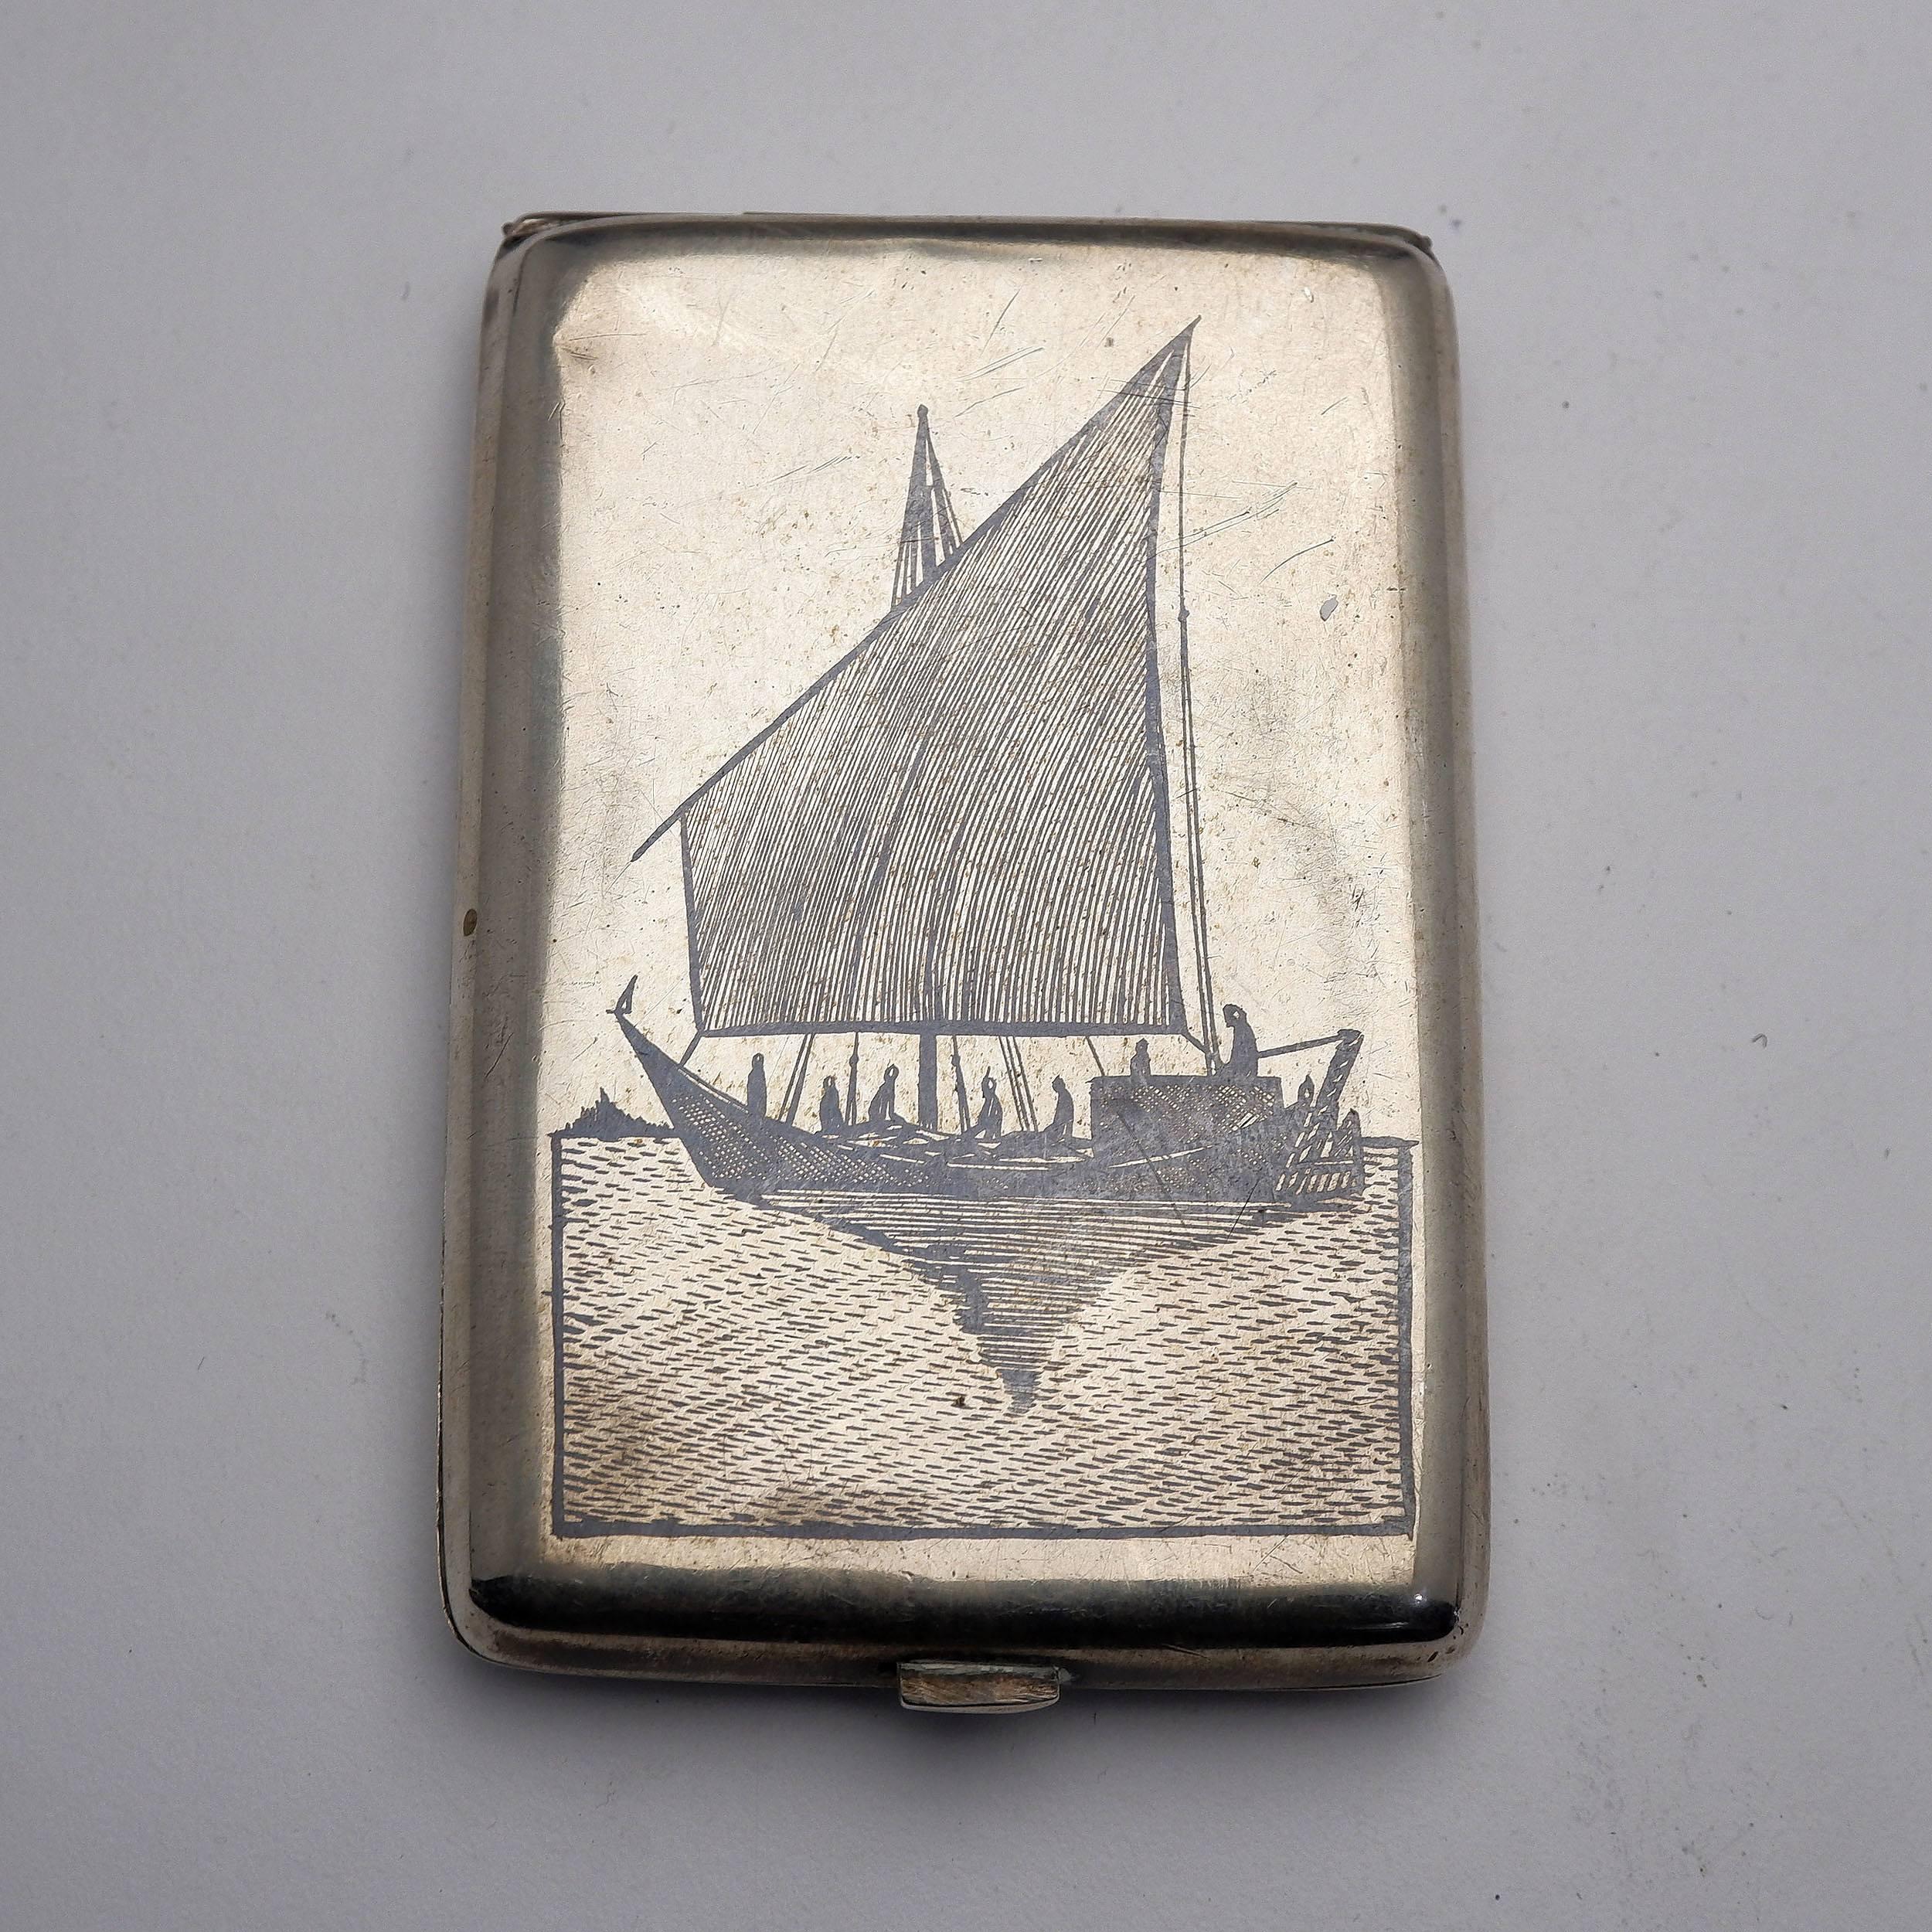 'Iraqi Engraved Silver Cigarette Case'